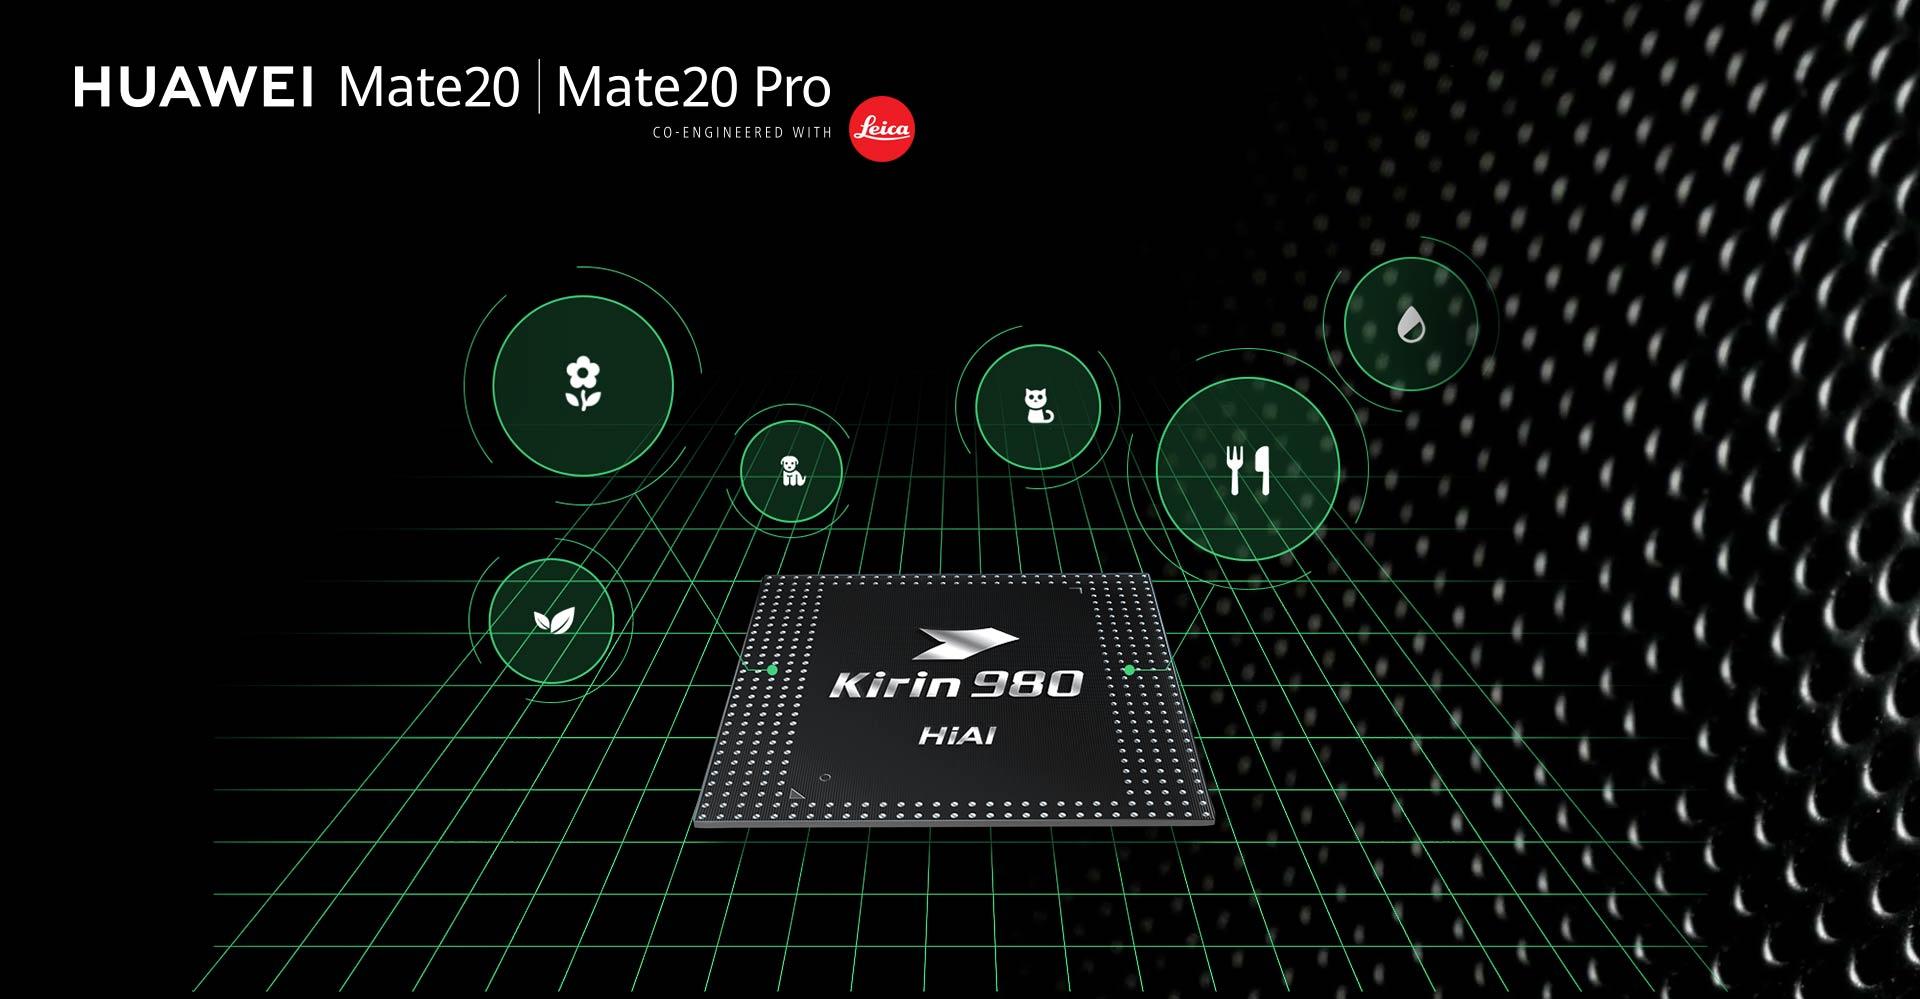 Huawei Mate 20 Pro chụp ảnh quá đỉnh, nhìn là thích ngay - 12